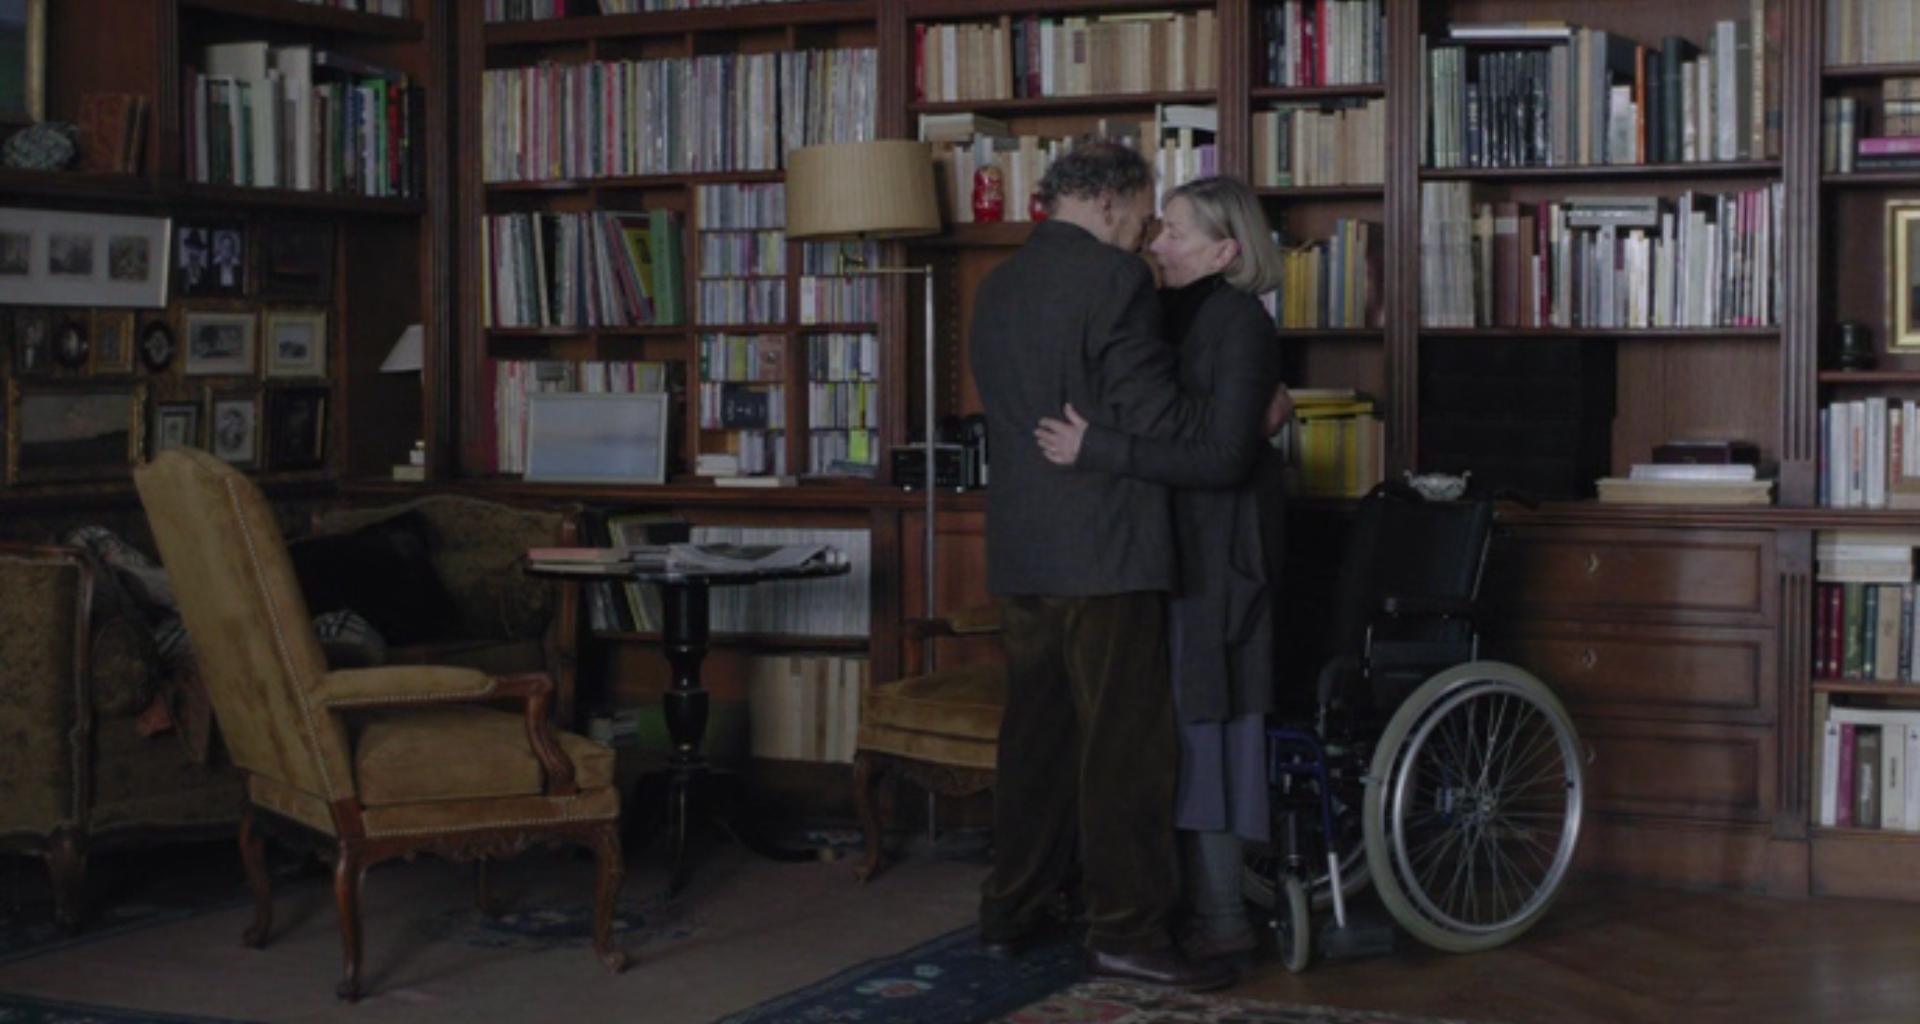 فیلم Amour کاری از میشل هانکه محصول ۲۰۱۲